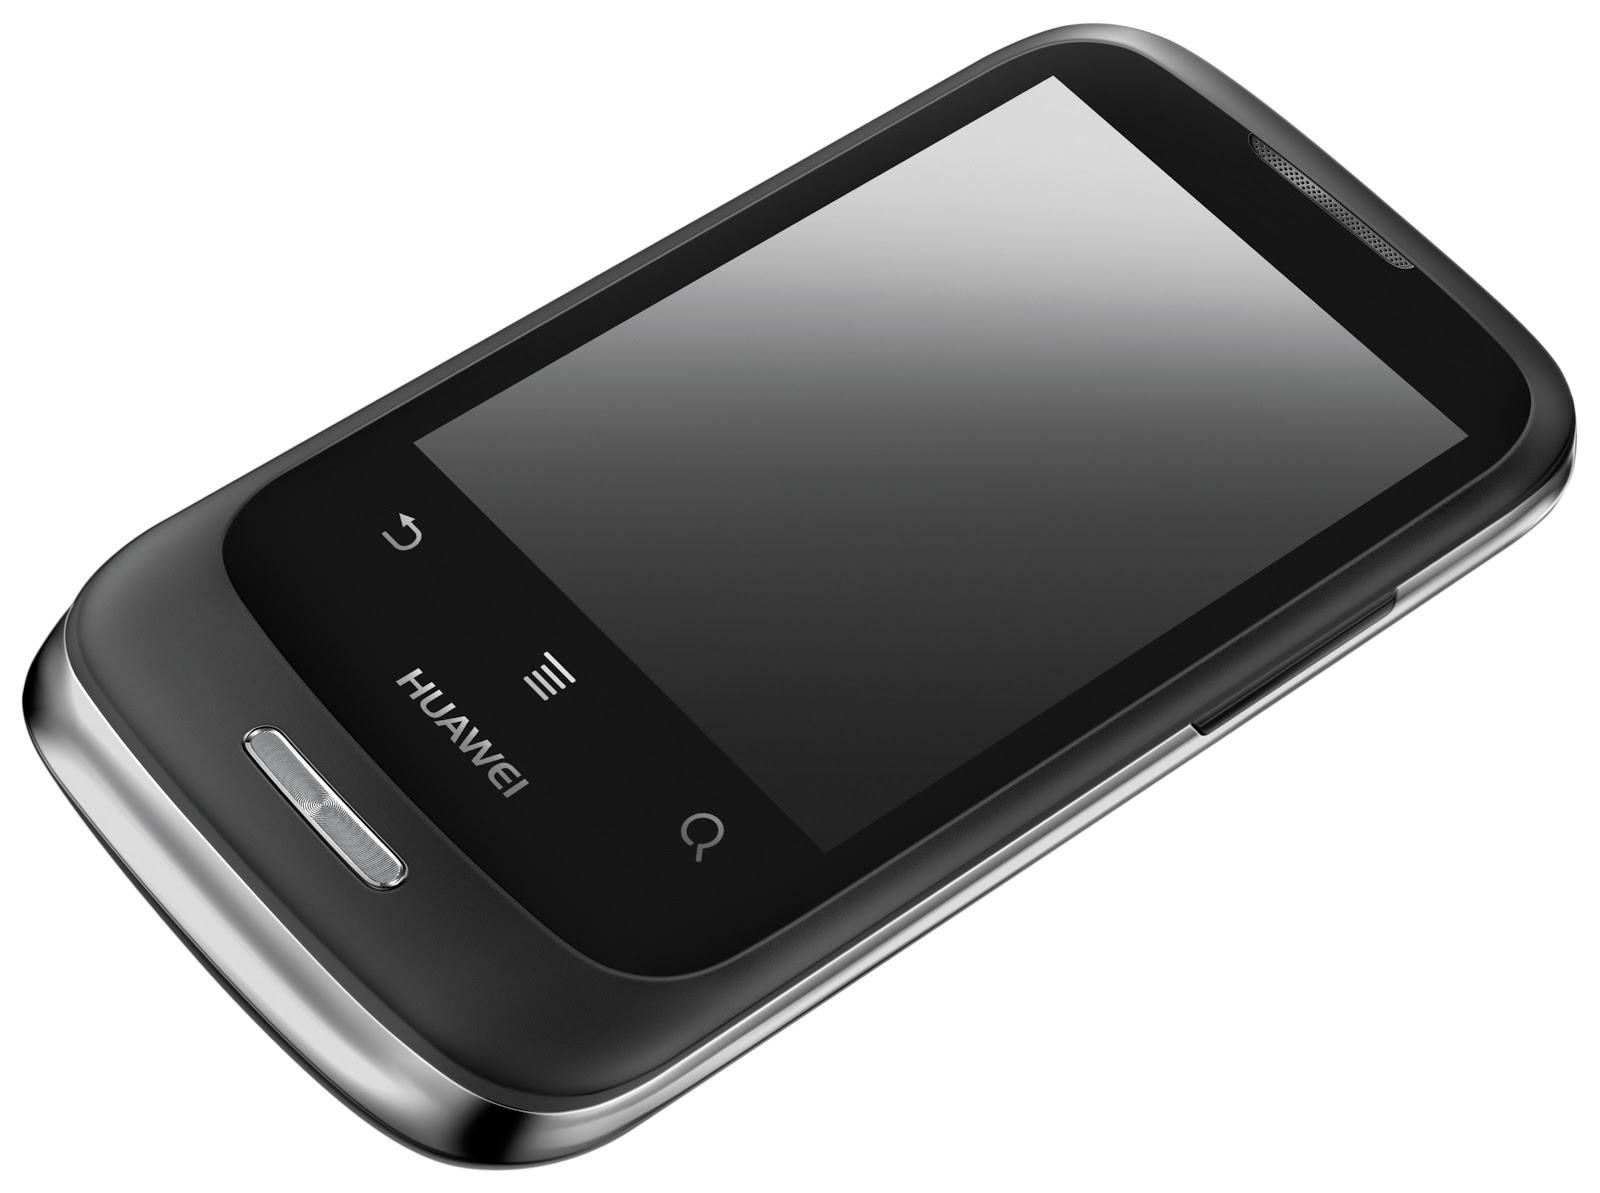 I prezzi degli smartphone più economici e convenienti [FOTO]